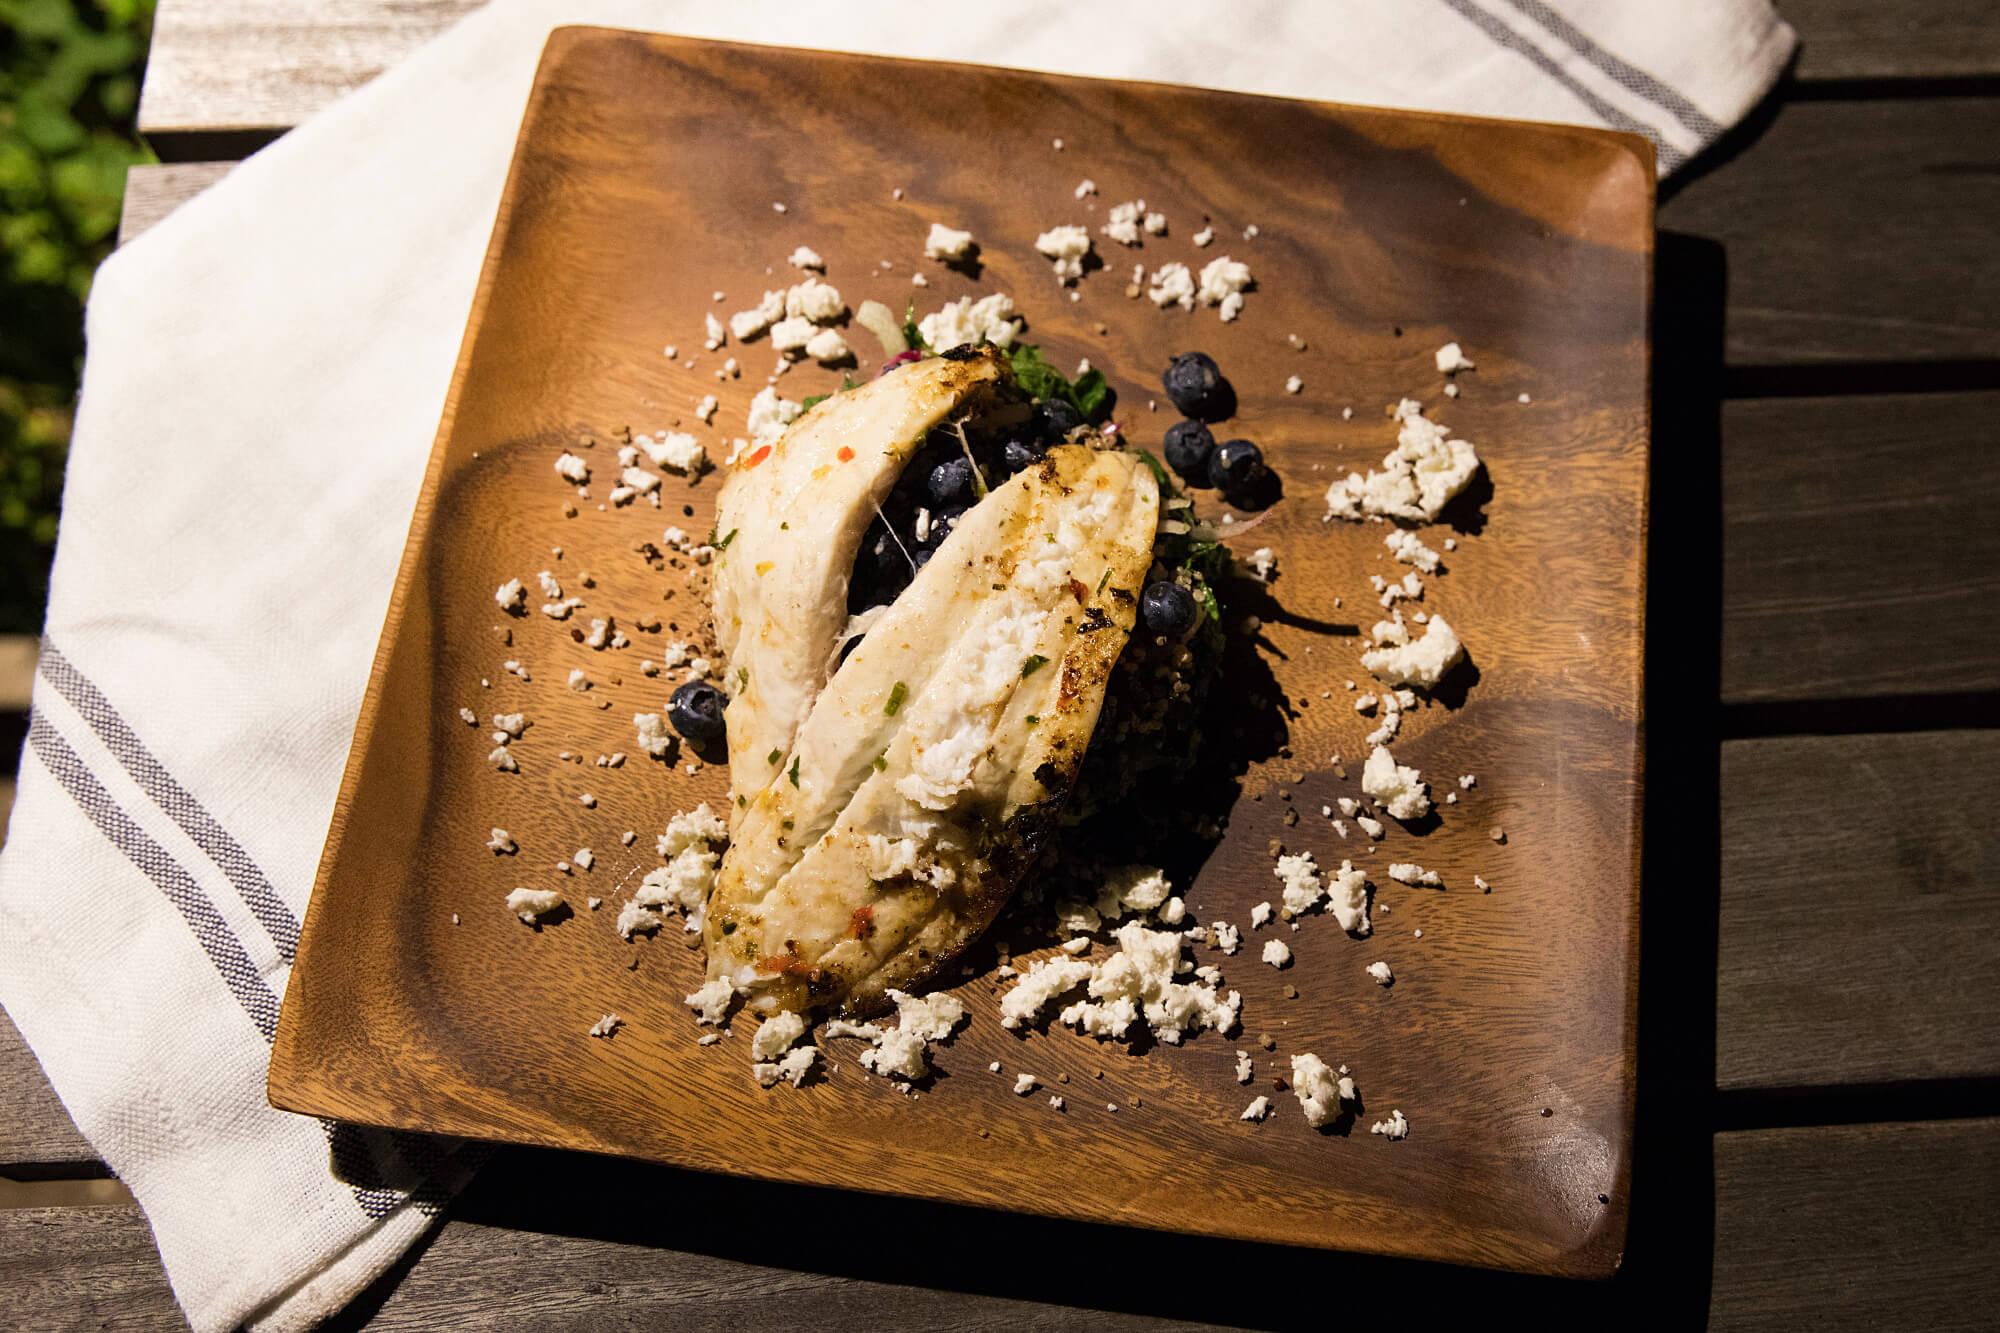 Grilled fluke with kale salad